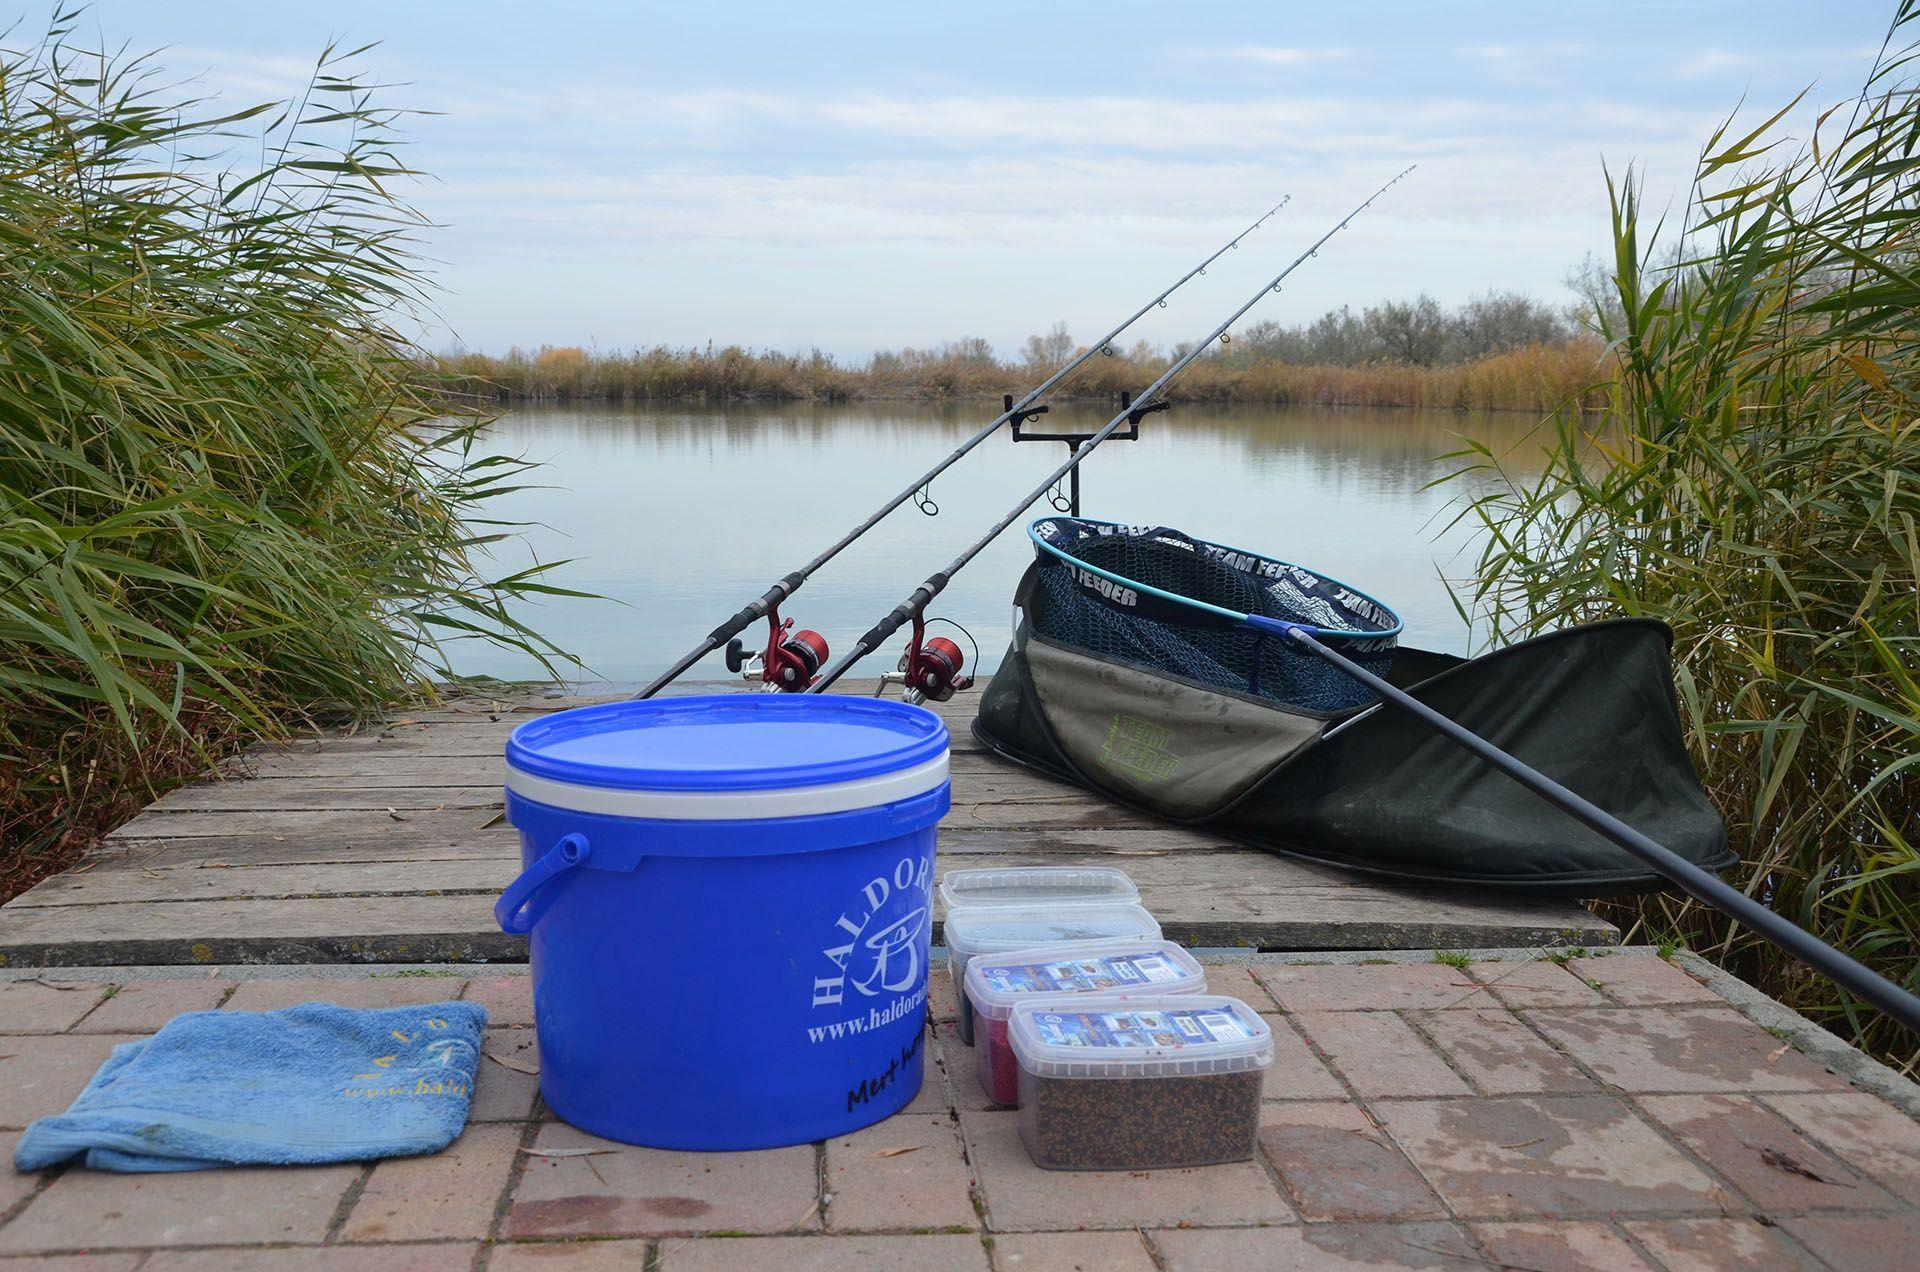 Ennyi cucc bőven elegendő egy gyors horgászathoz bármelyik tavon!